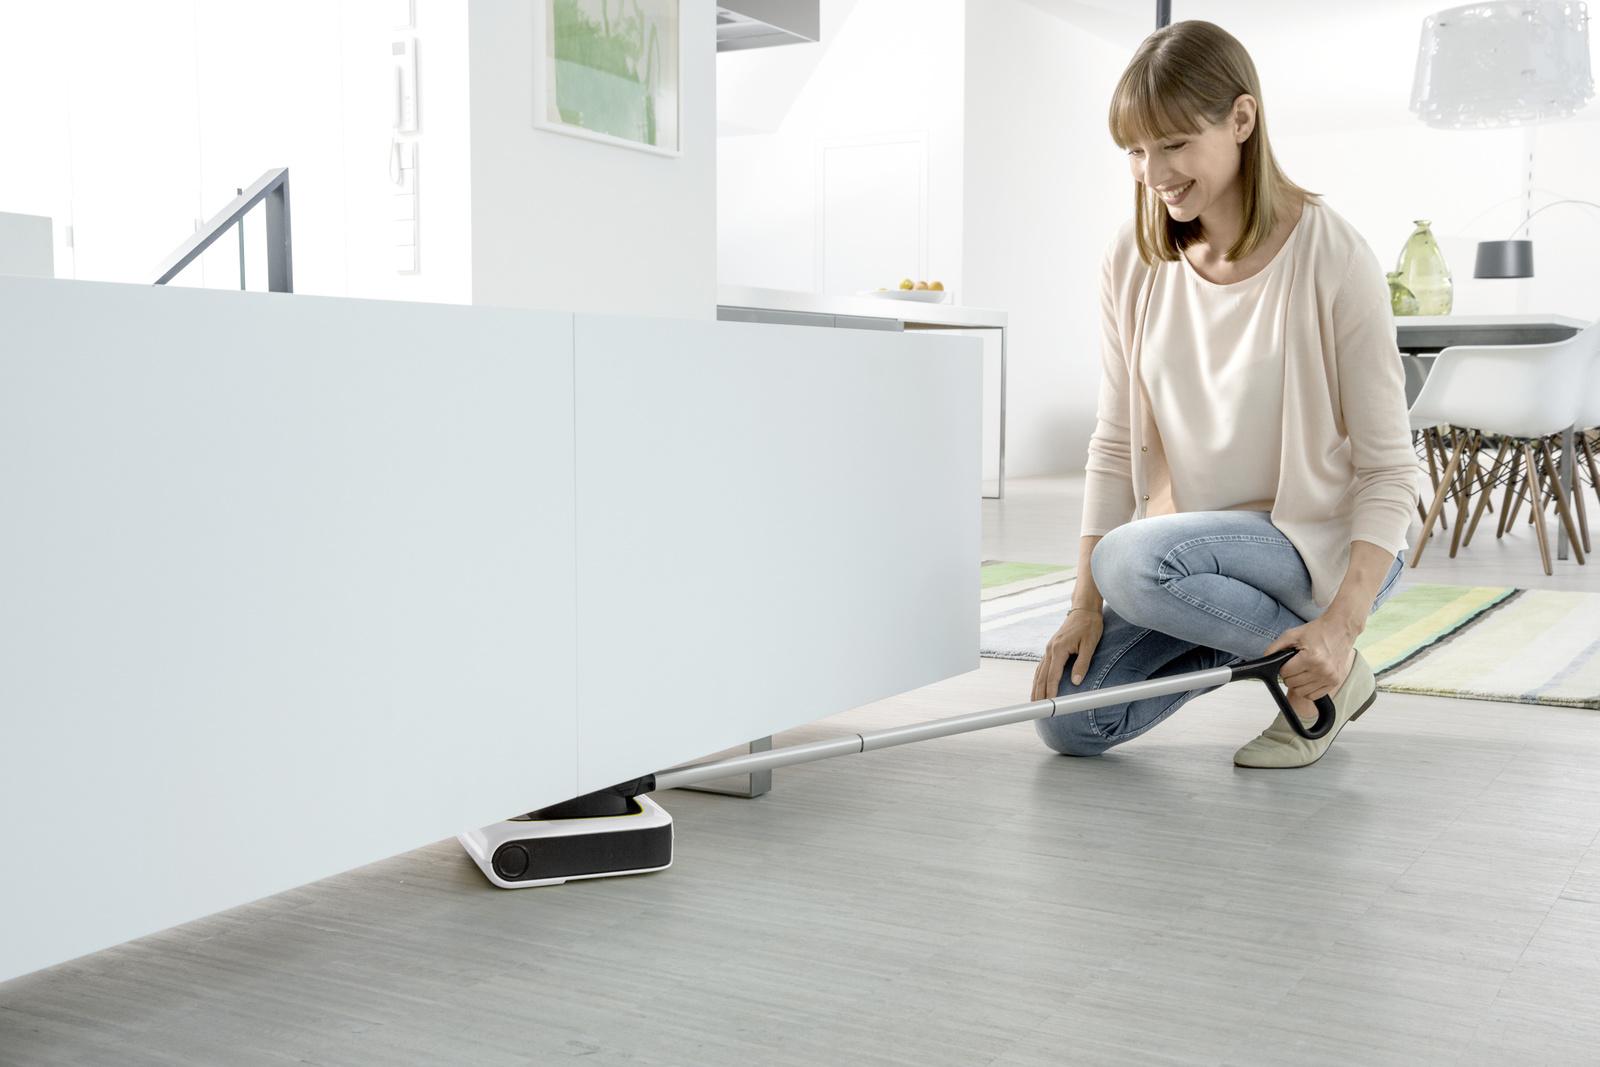 Как провести большую весеннюю уборку дома - уборка электровеником